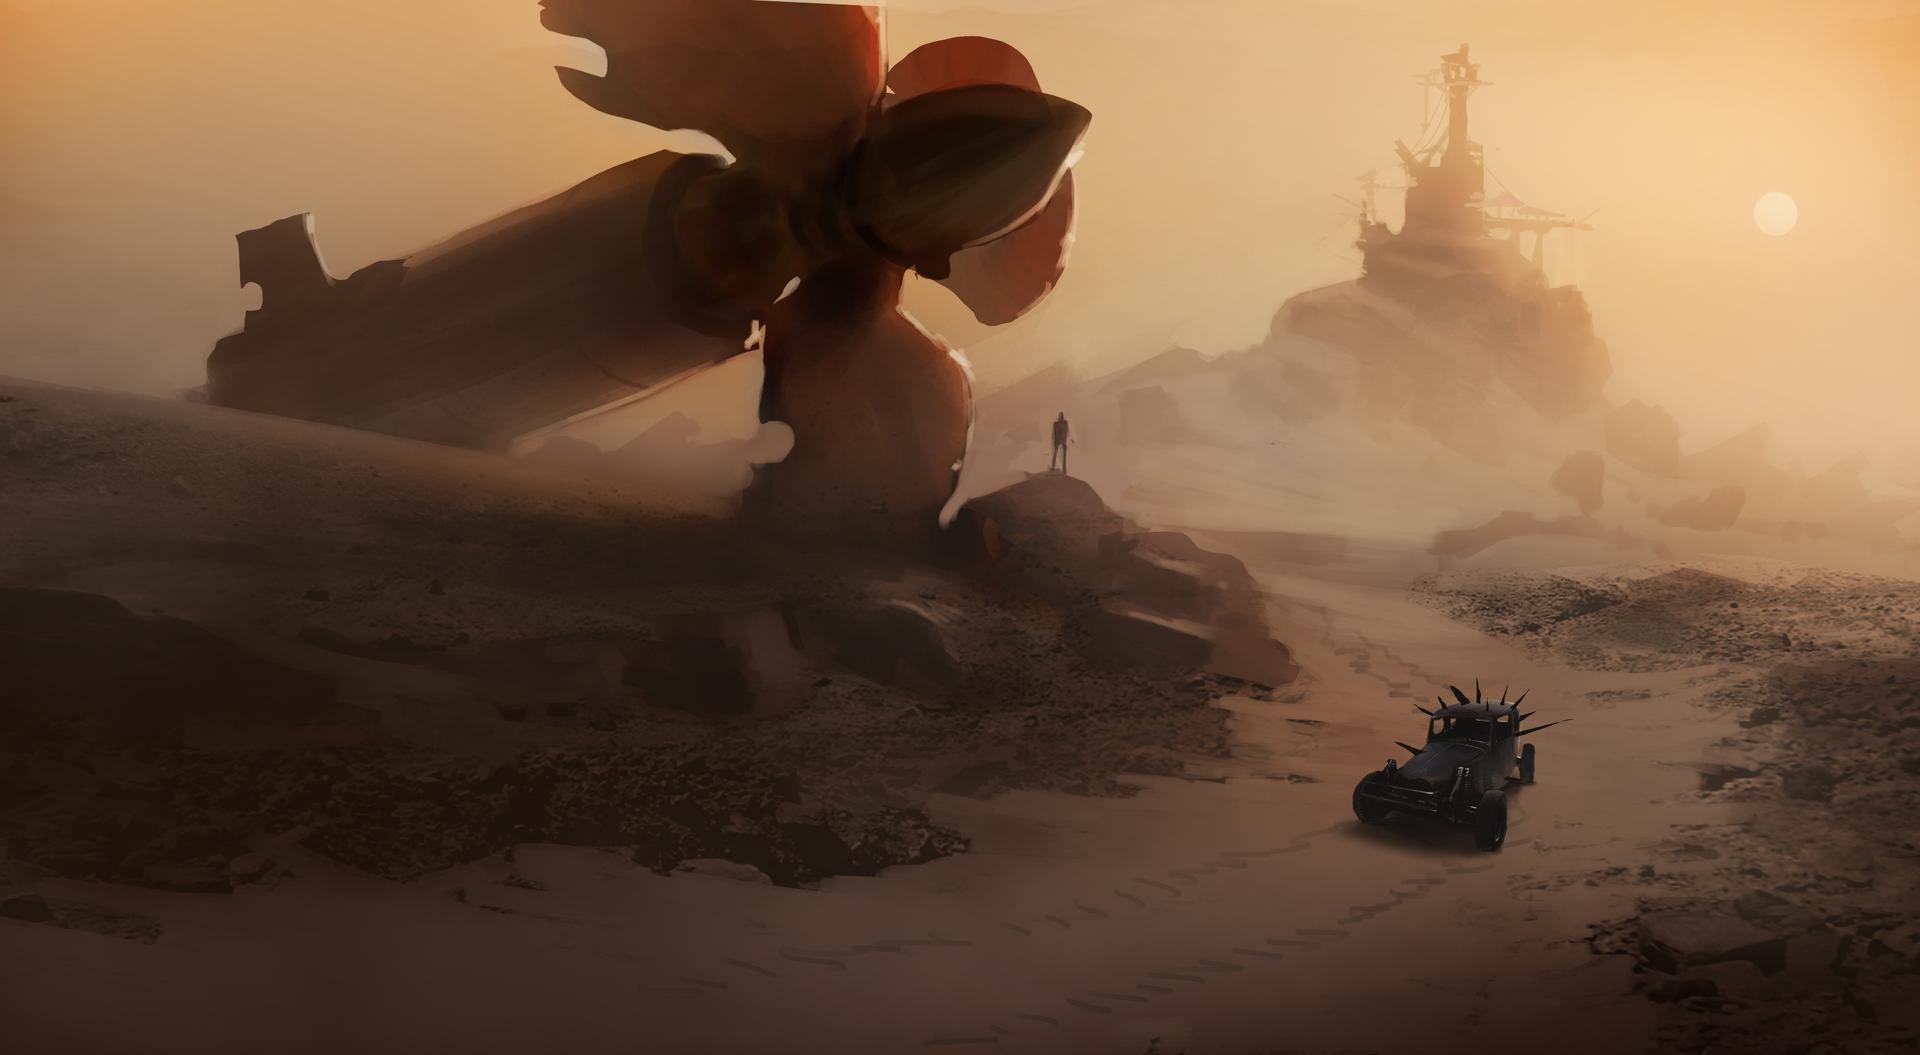 Obrazem: Post-apokalyptická pustina z akce Mad Max 108272